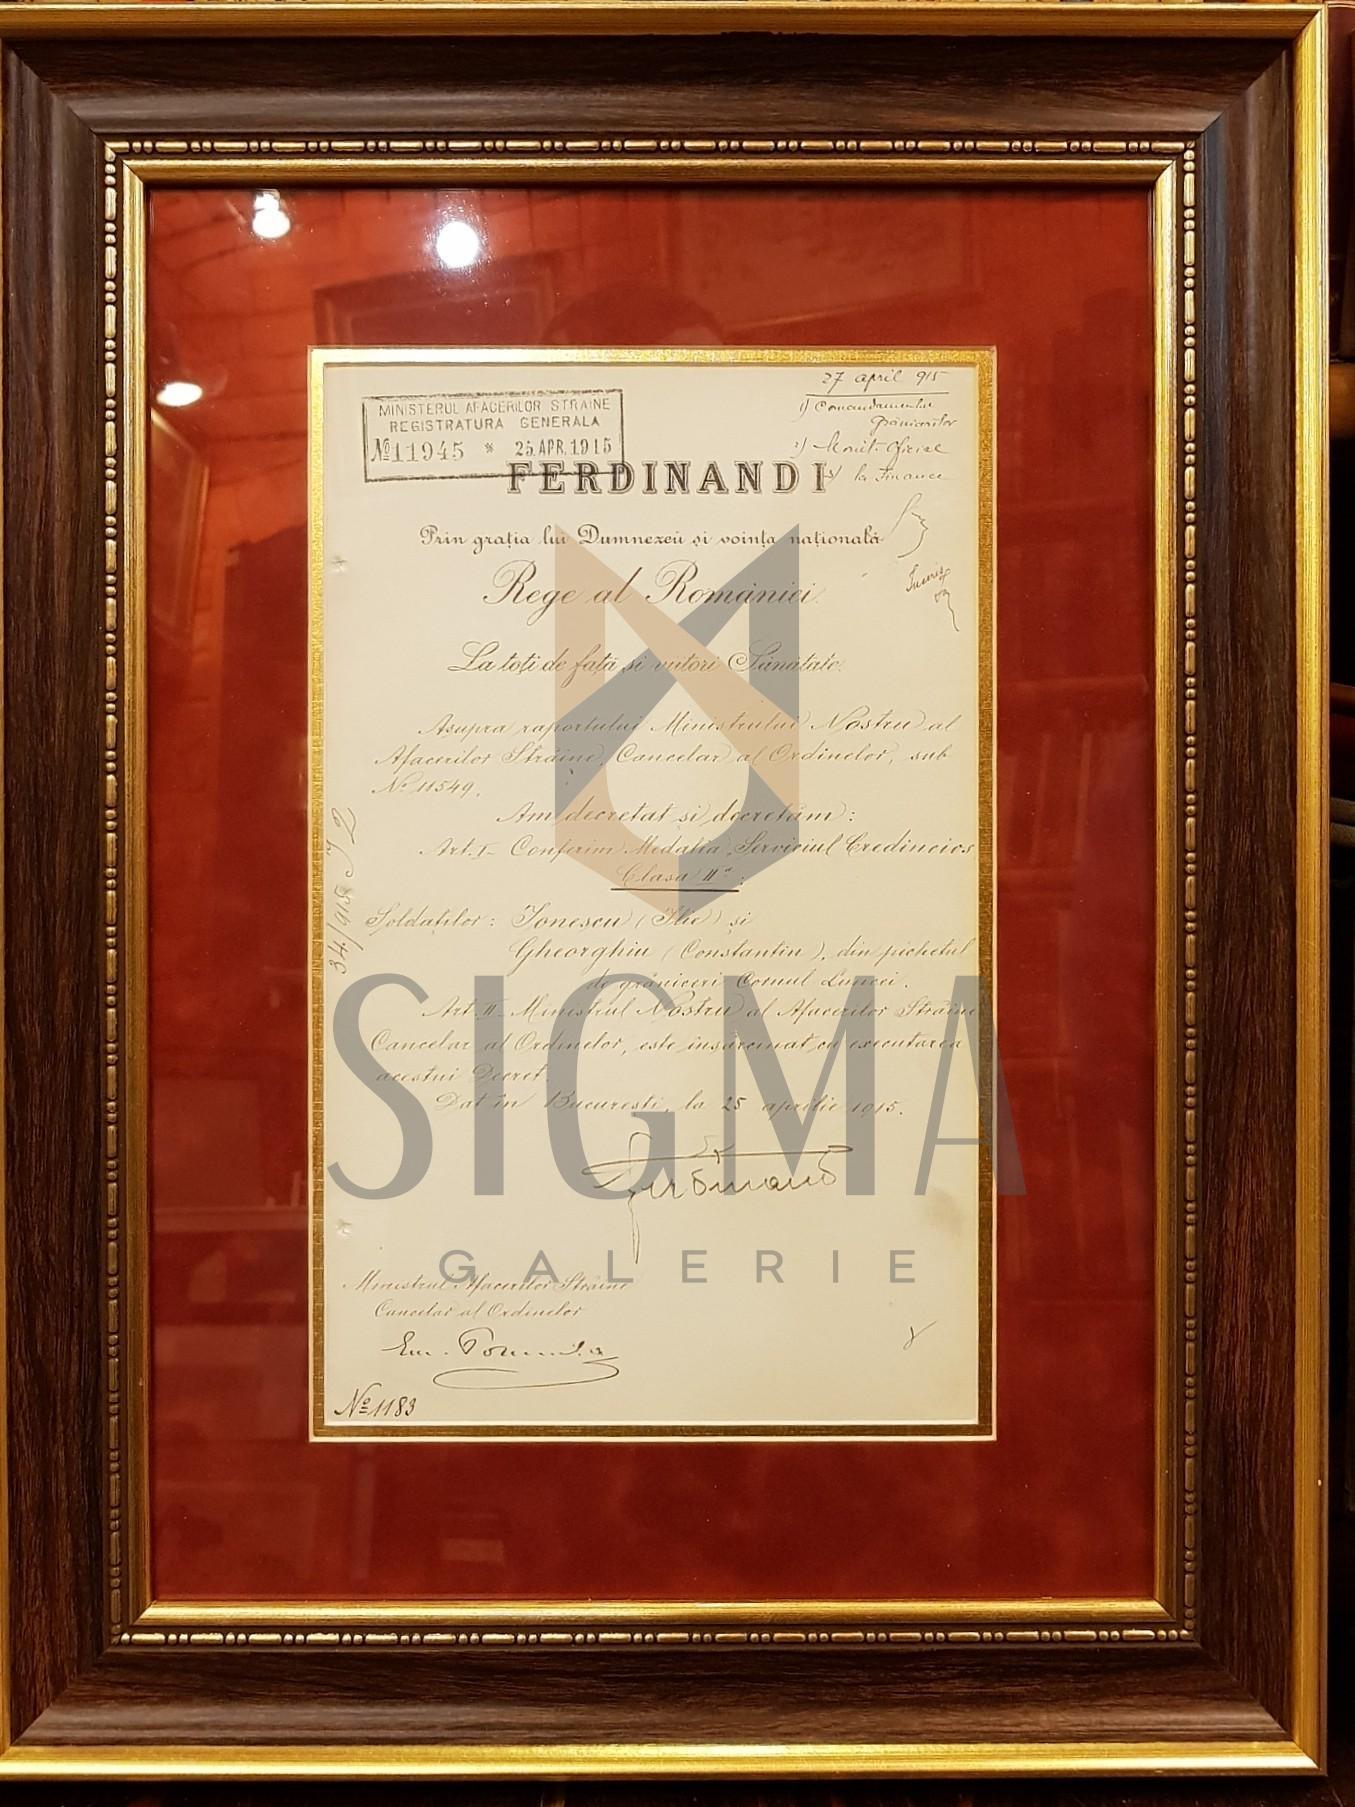 """REGELE """"FERDINAND I"""" si """"EMANOIL PORUMBARU"""" (Ministrul Afacerilor Straine), Document de Cancelarie, 25 Aprilie 1915 (Semnaturi In Original !)"""